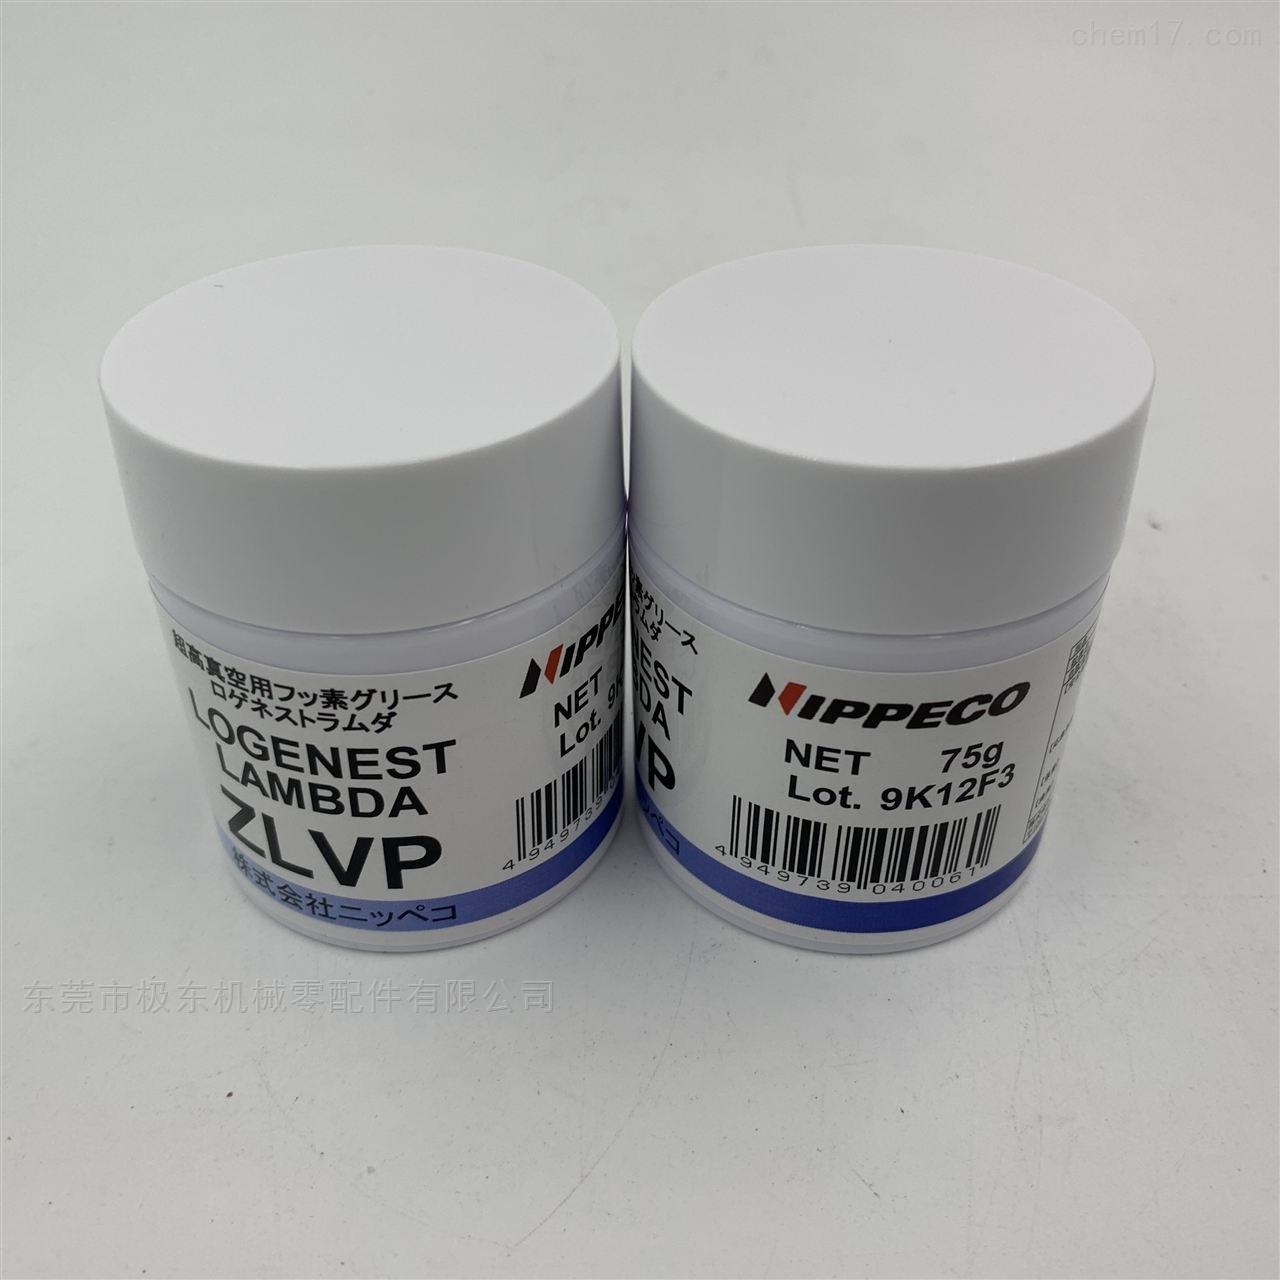 日本NIPPECO高真空润滑脂